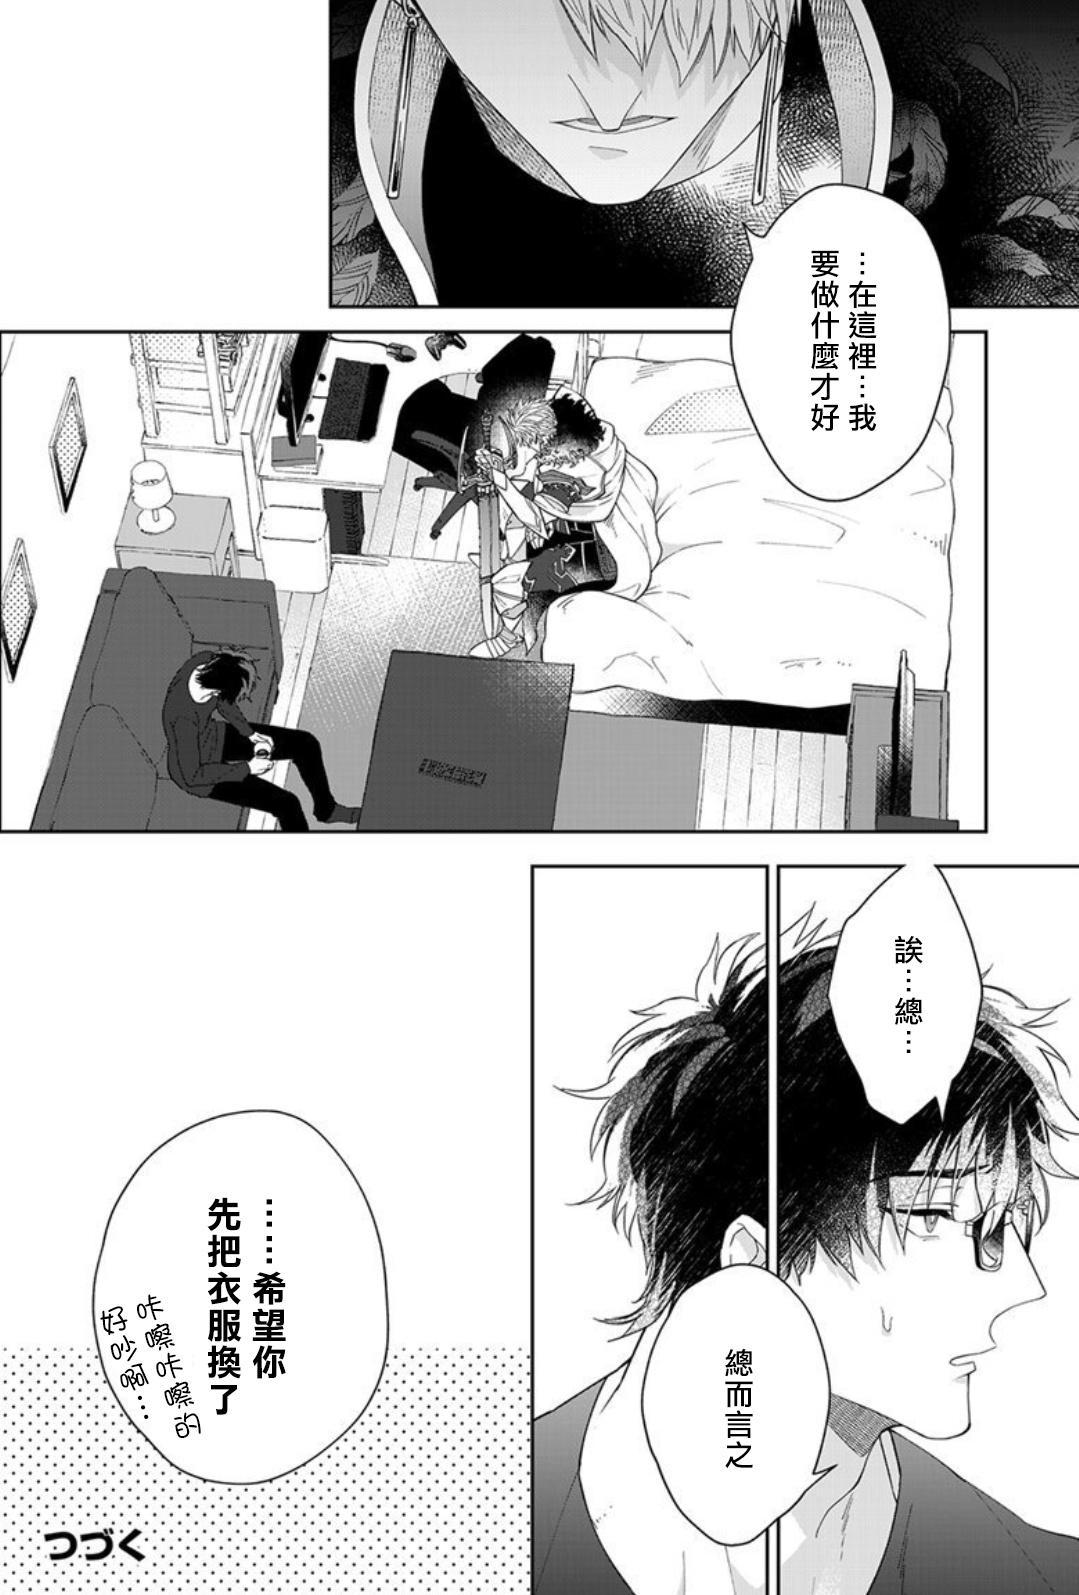 [Akihisa Teo] Kishi-sama (Ikusei-chuu) to Doukyo Shimasu 1.2 [Chinese] [拾荒者汉化组] [Digital] 12